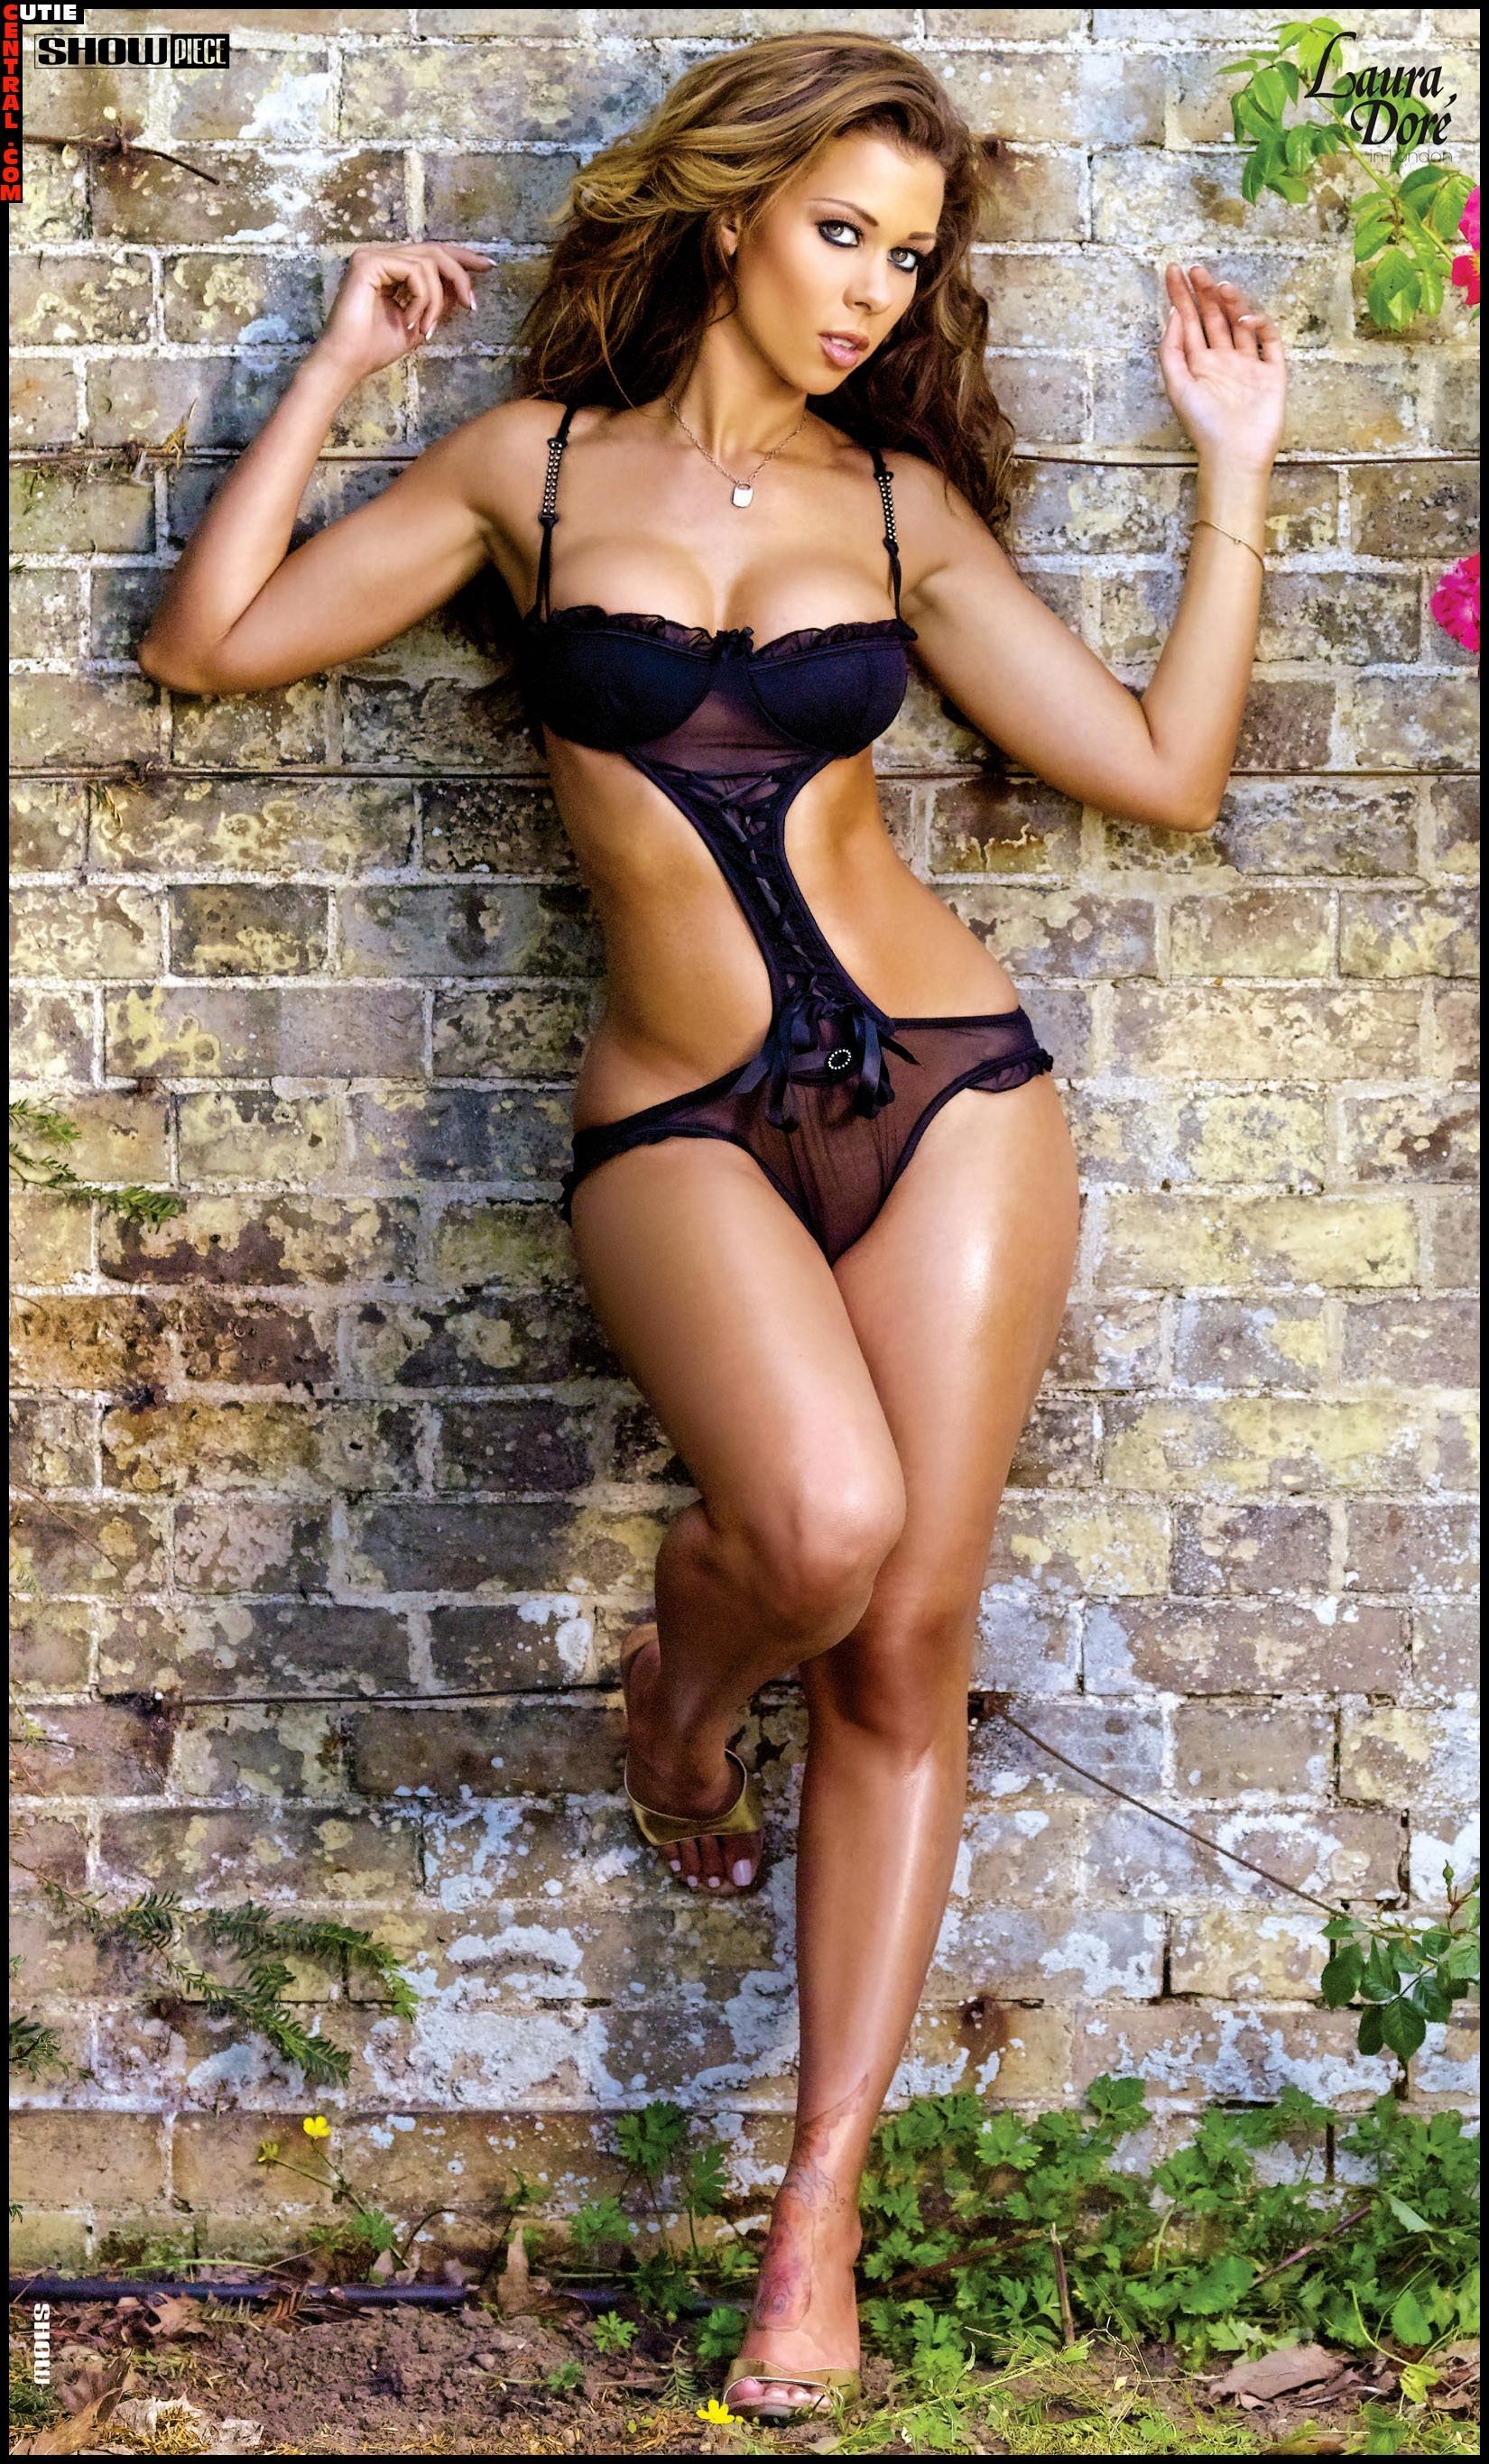 Эротические фотографии про Массаж с сексом видео онлайн.